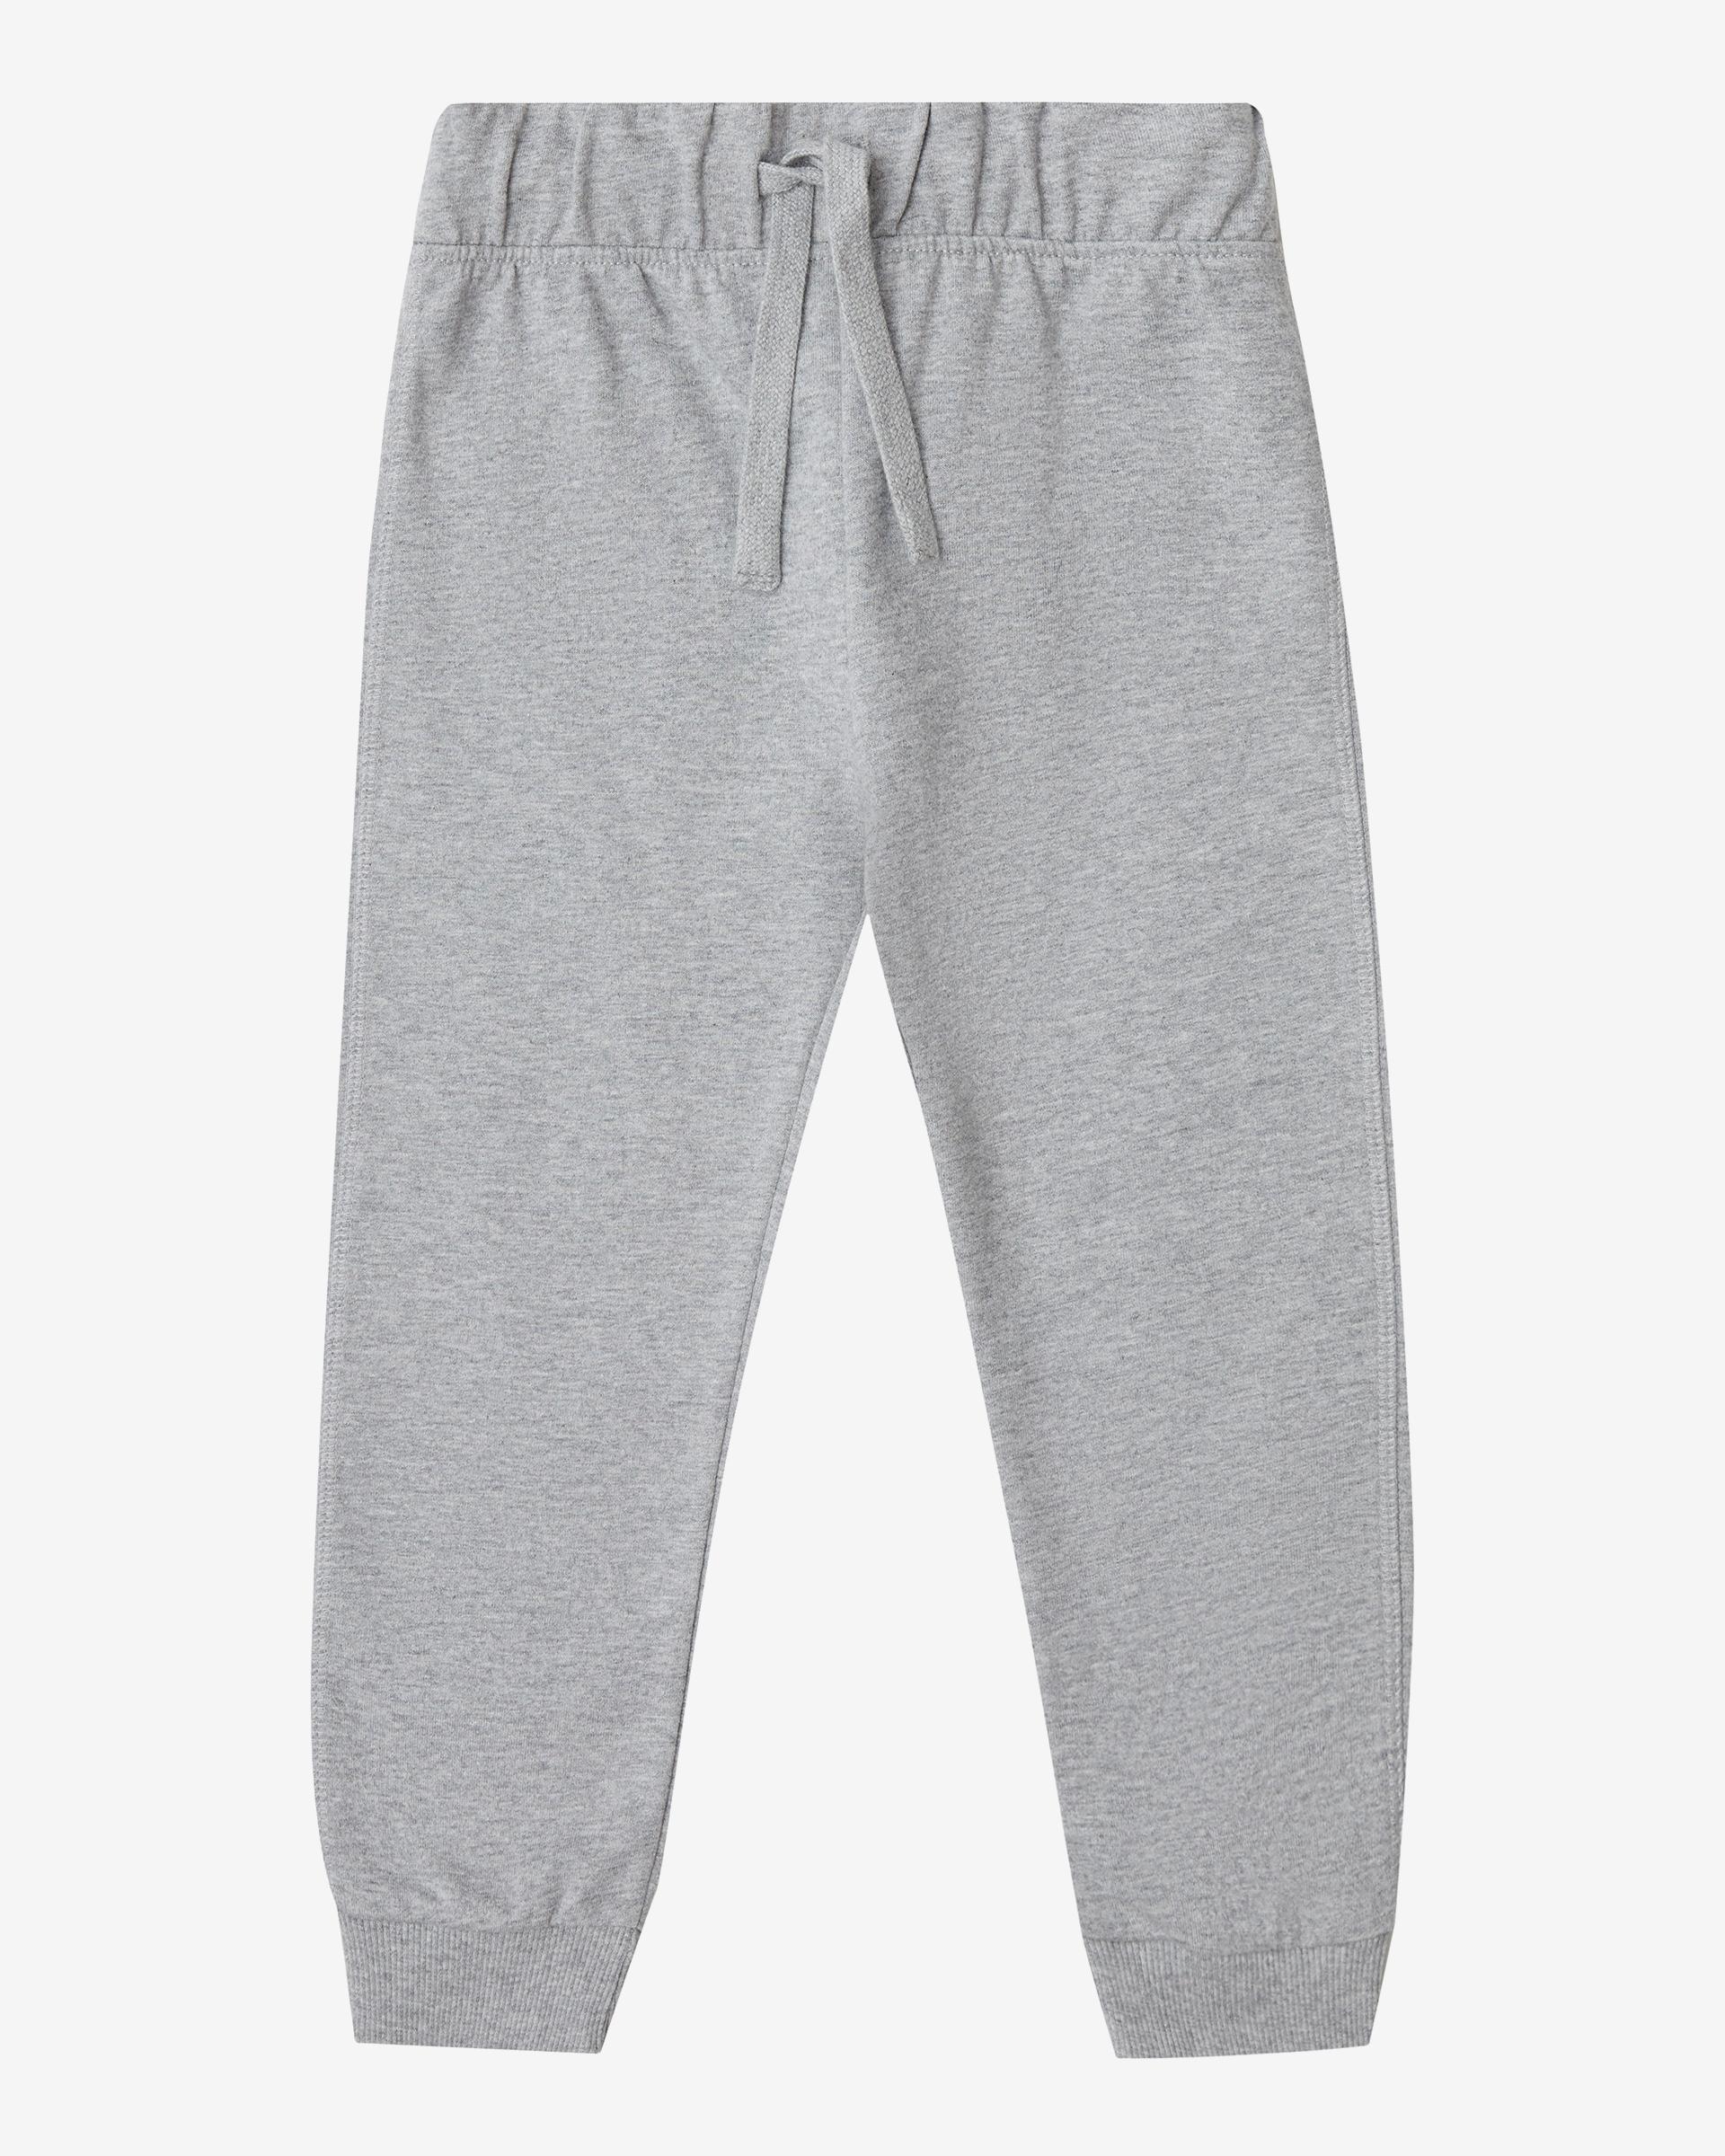 Купить 20P_3BC1I0986_501, Спортивные брюки для мальчиков Benetton 3BC1I0986_501 р-р 80, United Colors of Benetton, Шорты и брюки для новорожденных